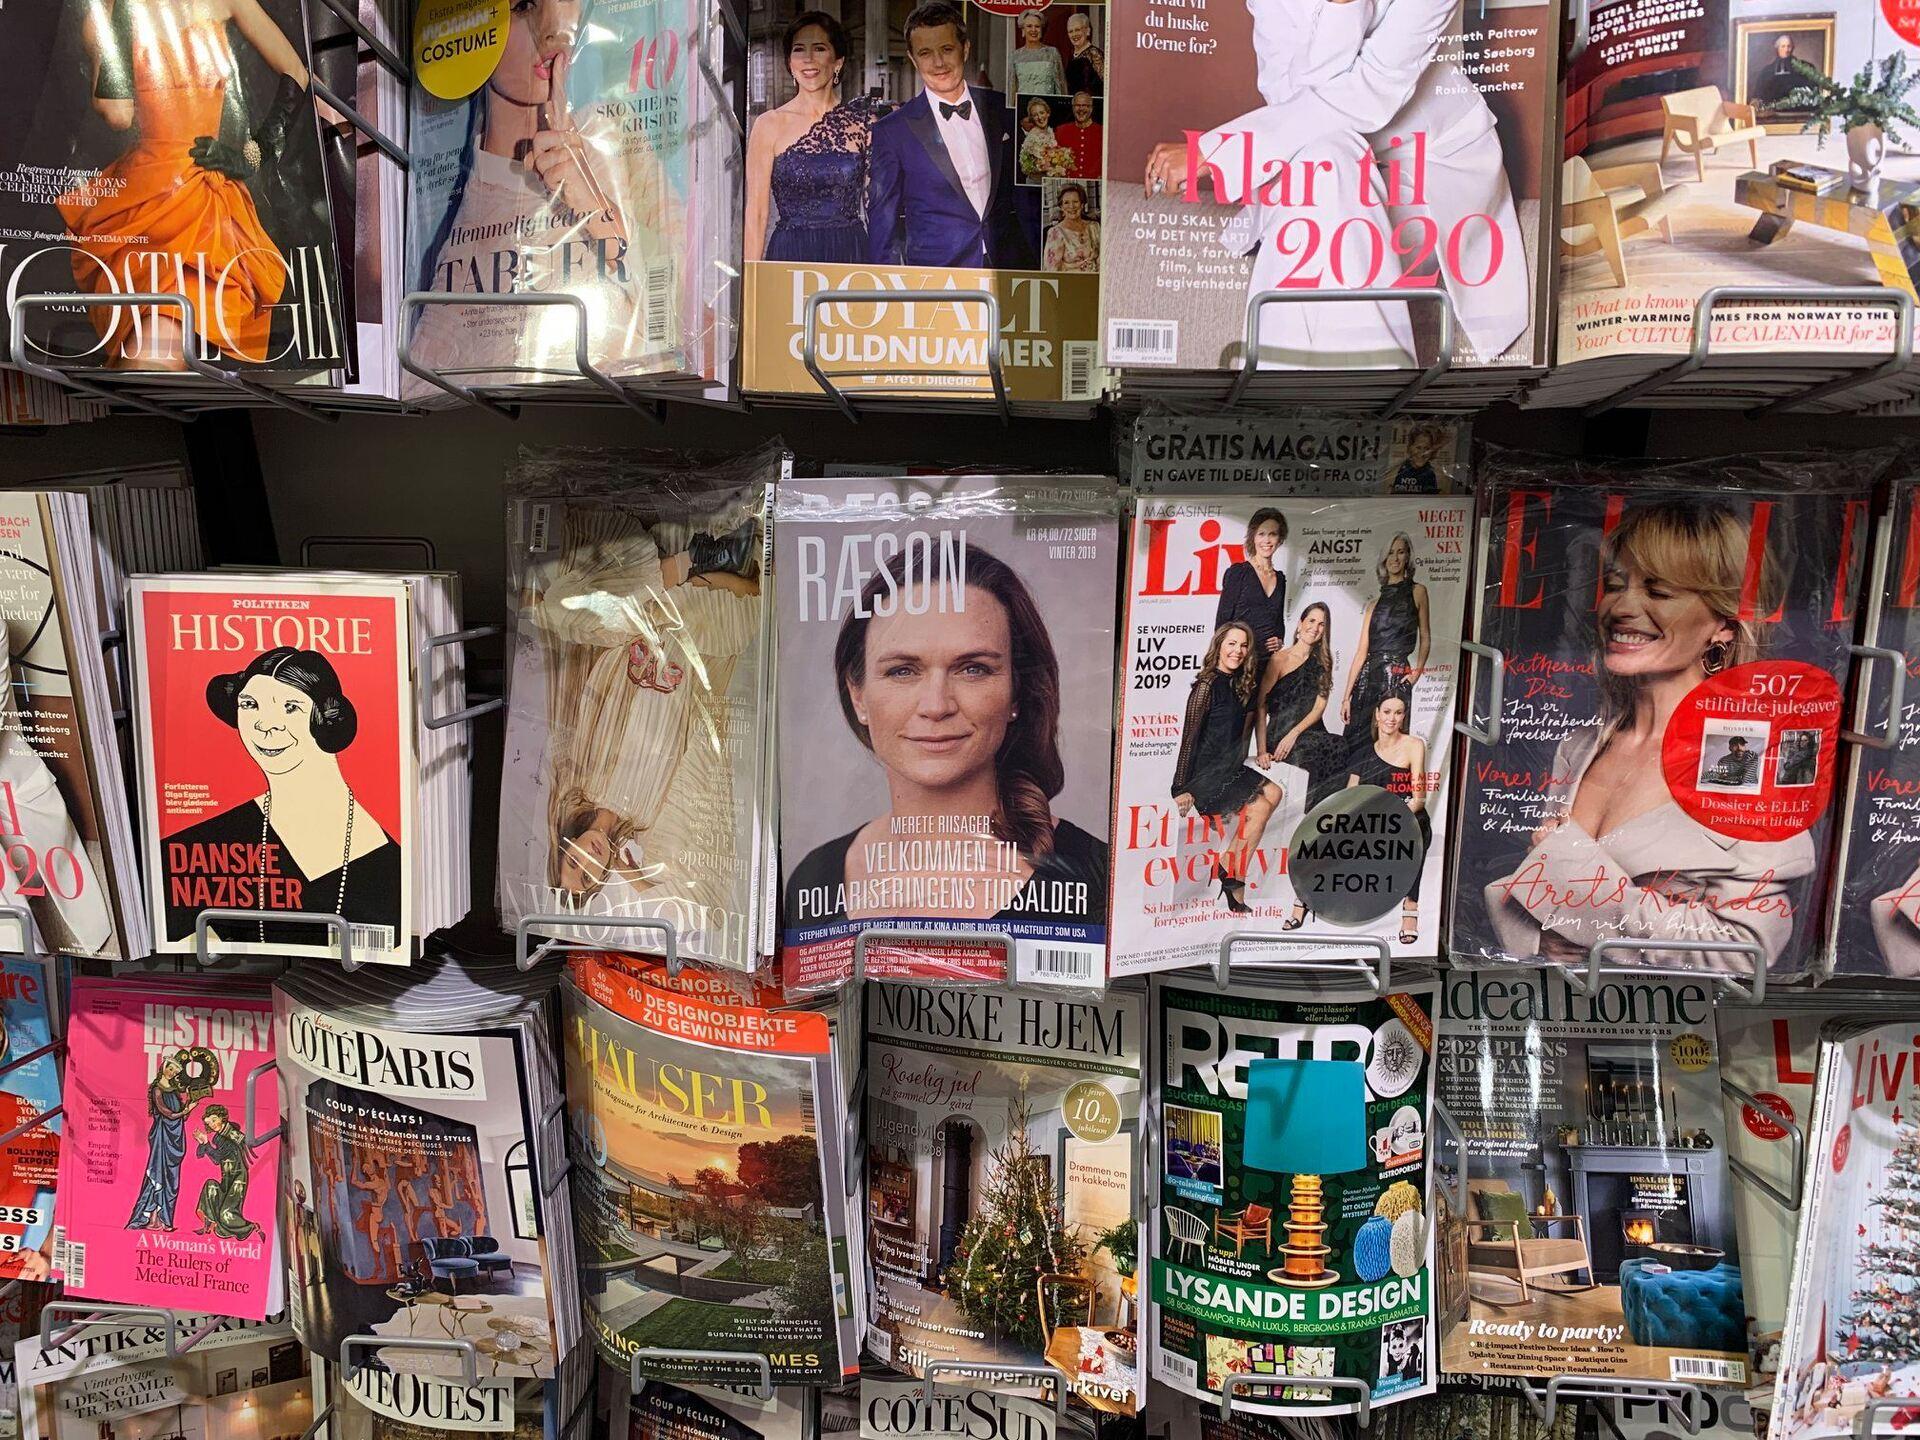 RÆSON – magasinet om politik i Danmark og i verden (siden 2002)